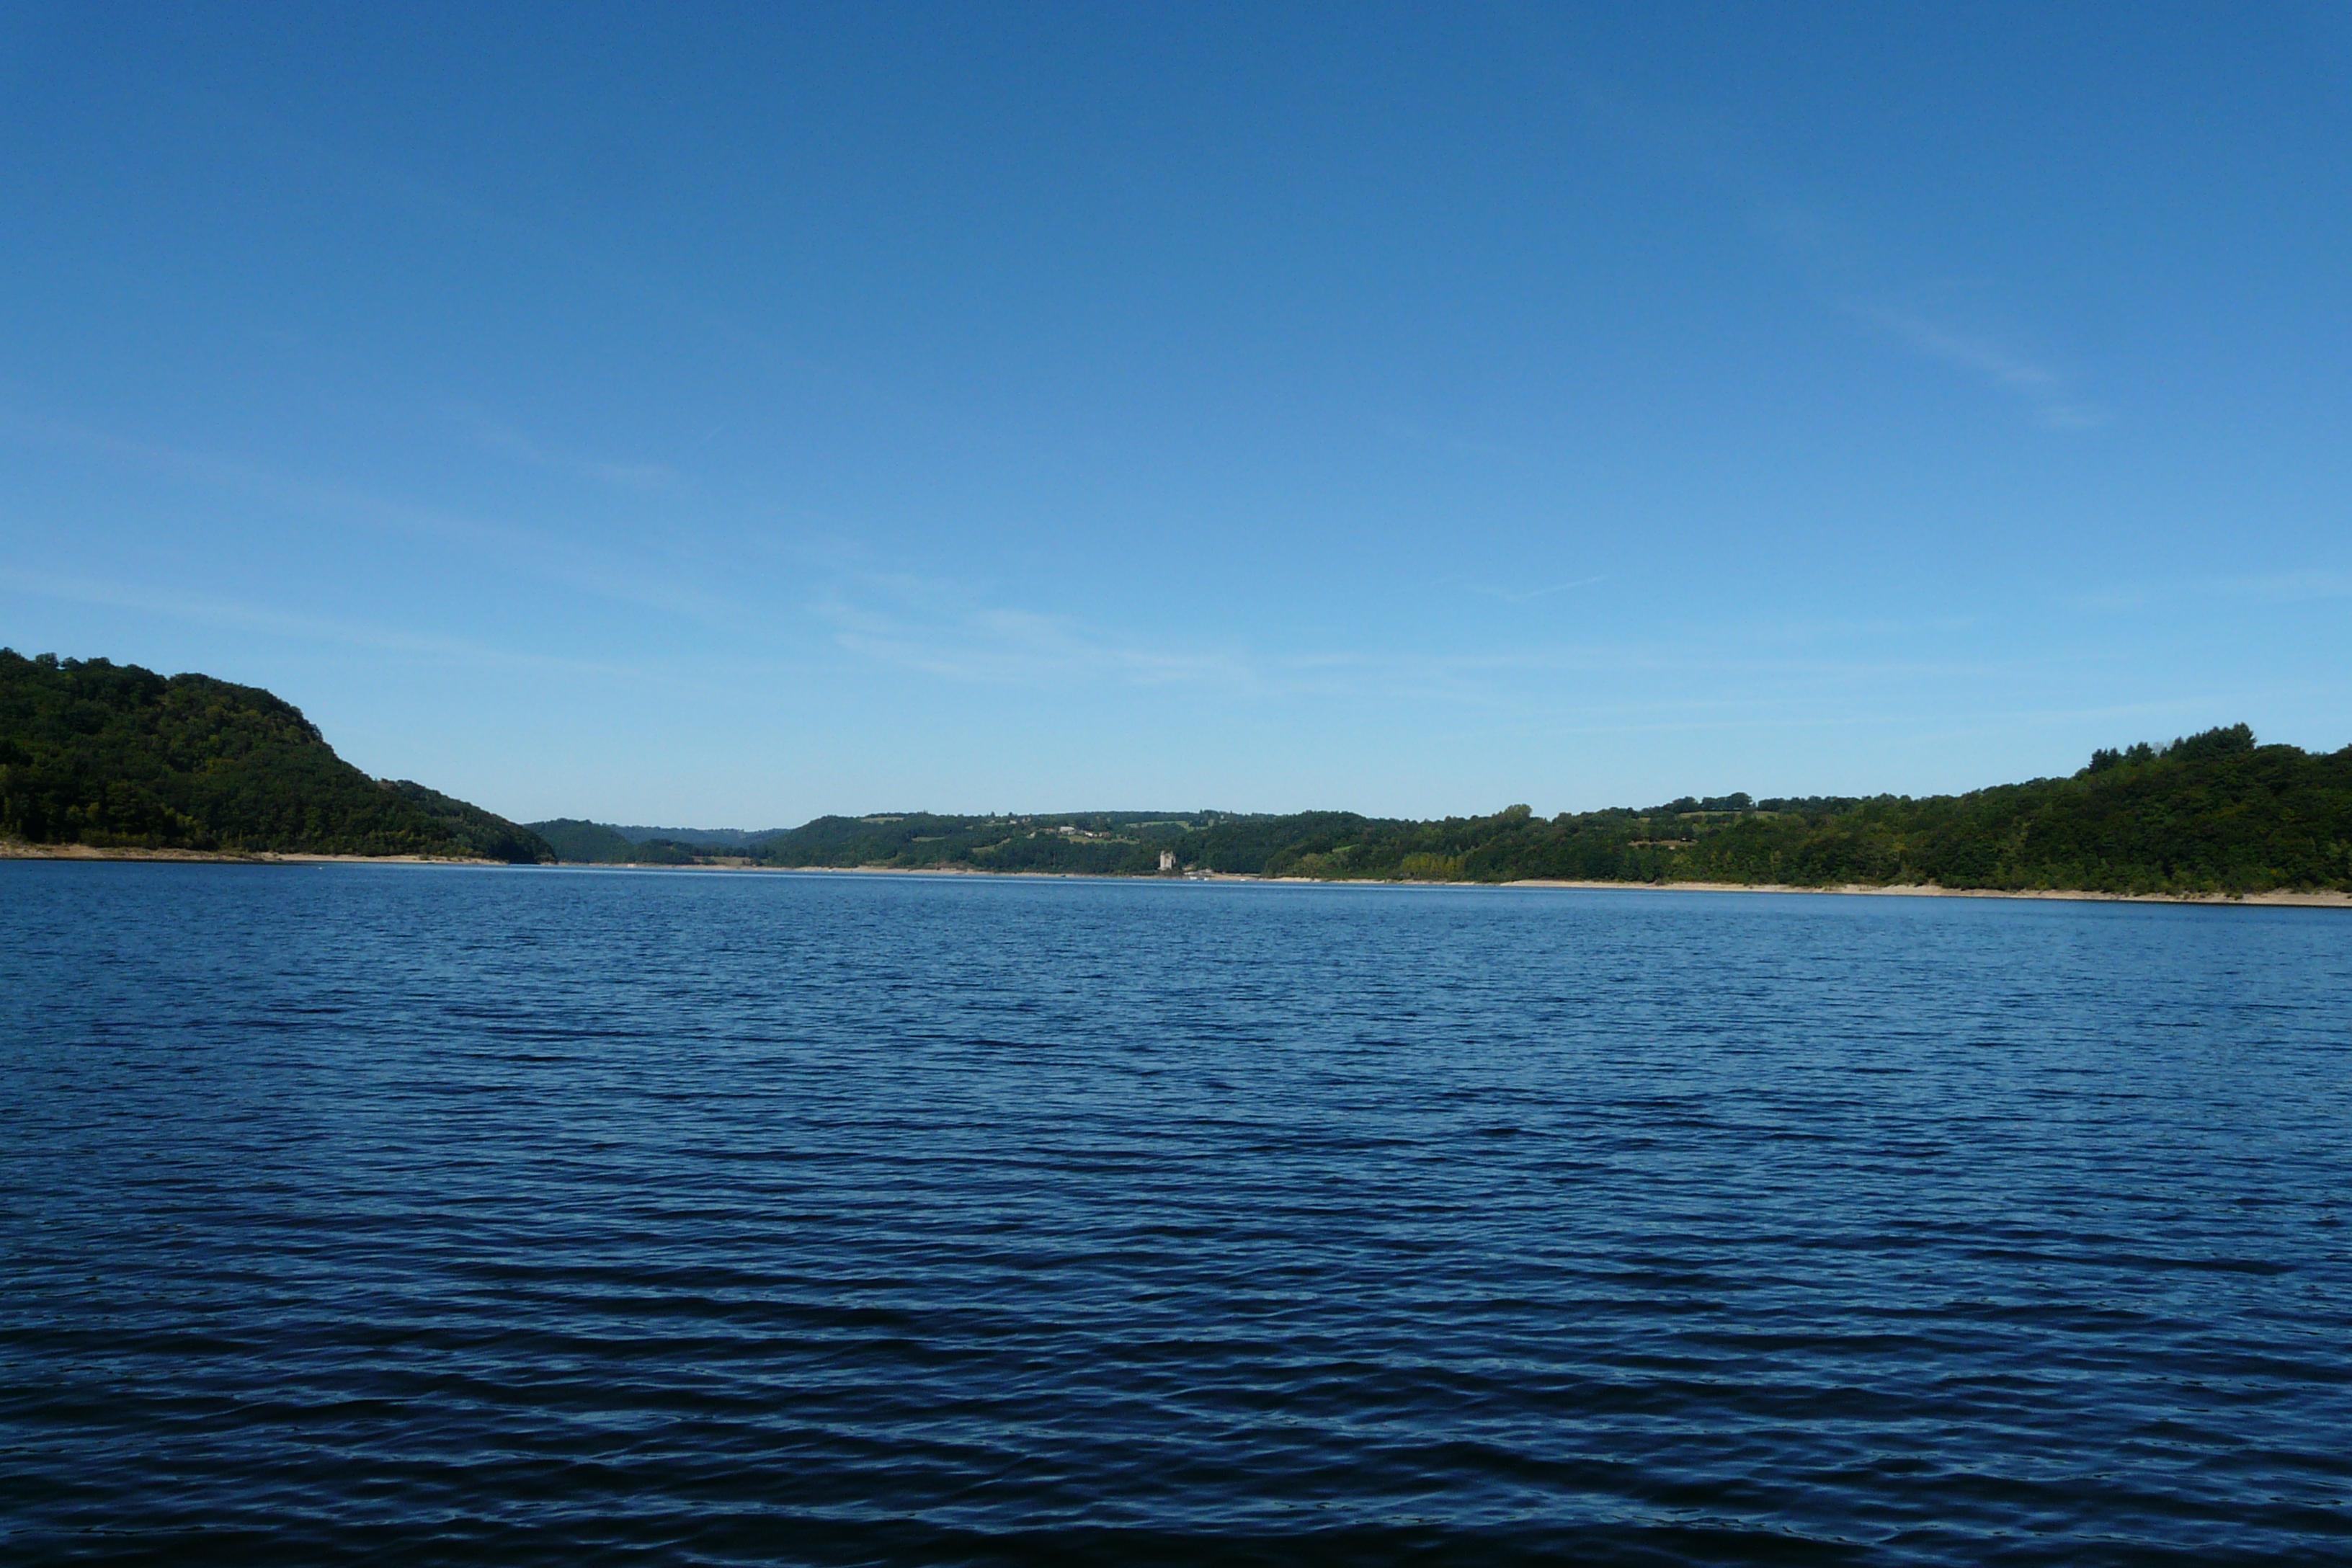 Vue globale du lac de Bort les Orgues depuis la retenue_08092008_FD19